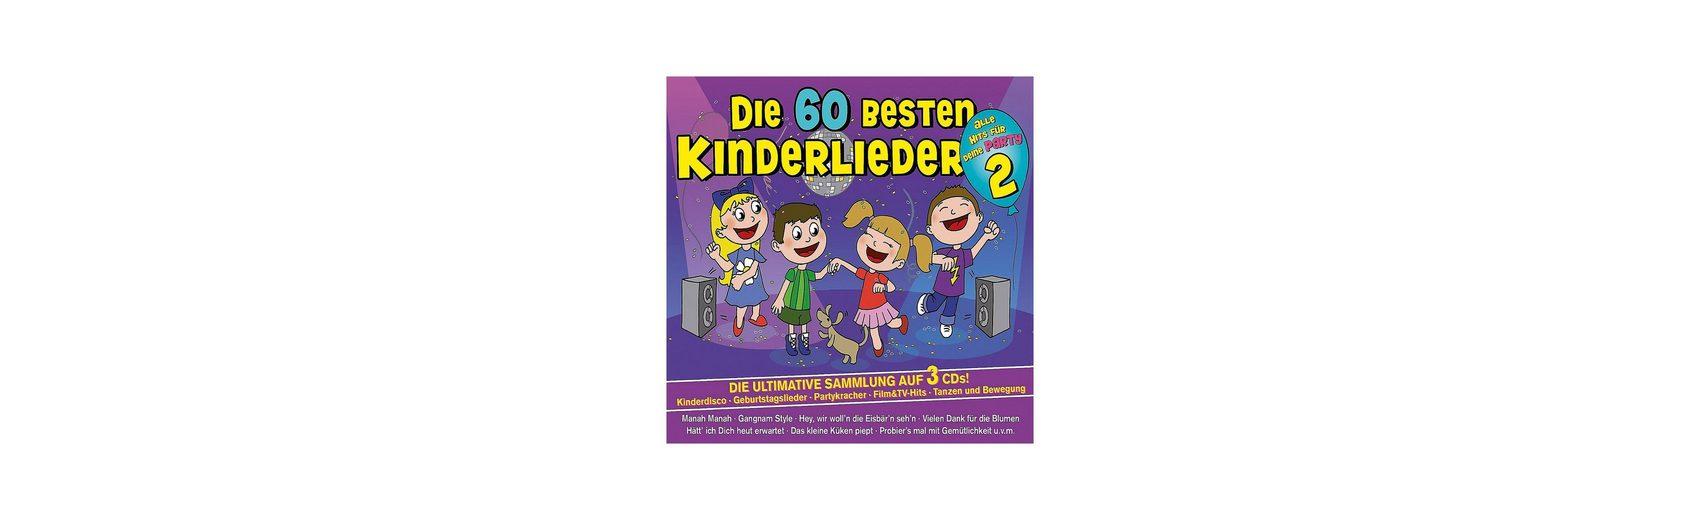 Universal Music GmbH CD Die 60 besten Kinderlieder 2